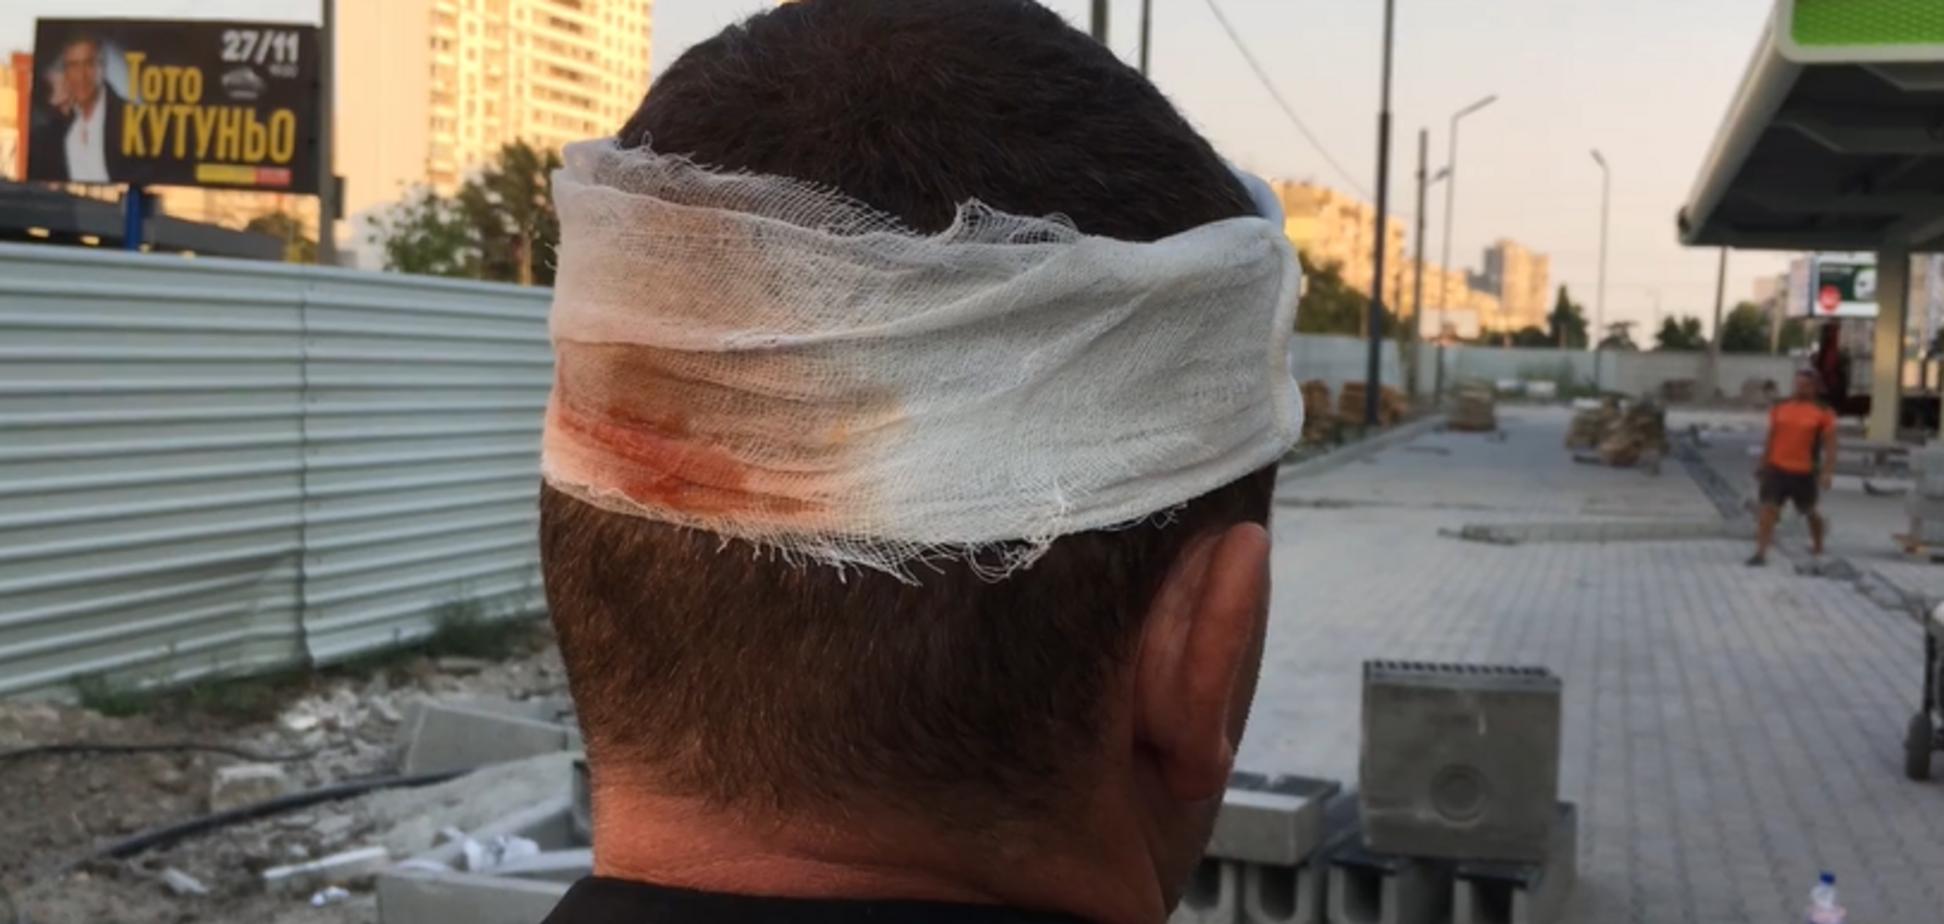 На Ревуцького тітушки, які перекривали дорогу, проломили голову охоронцю заправки